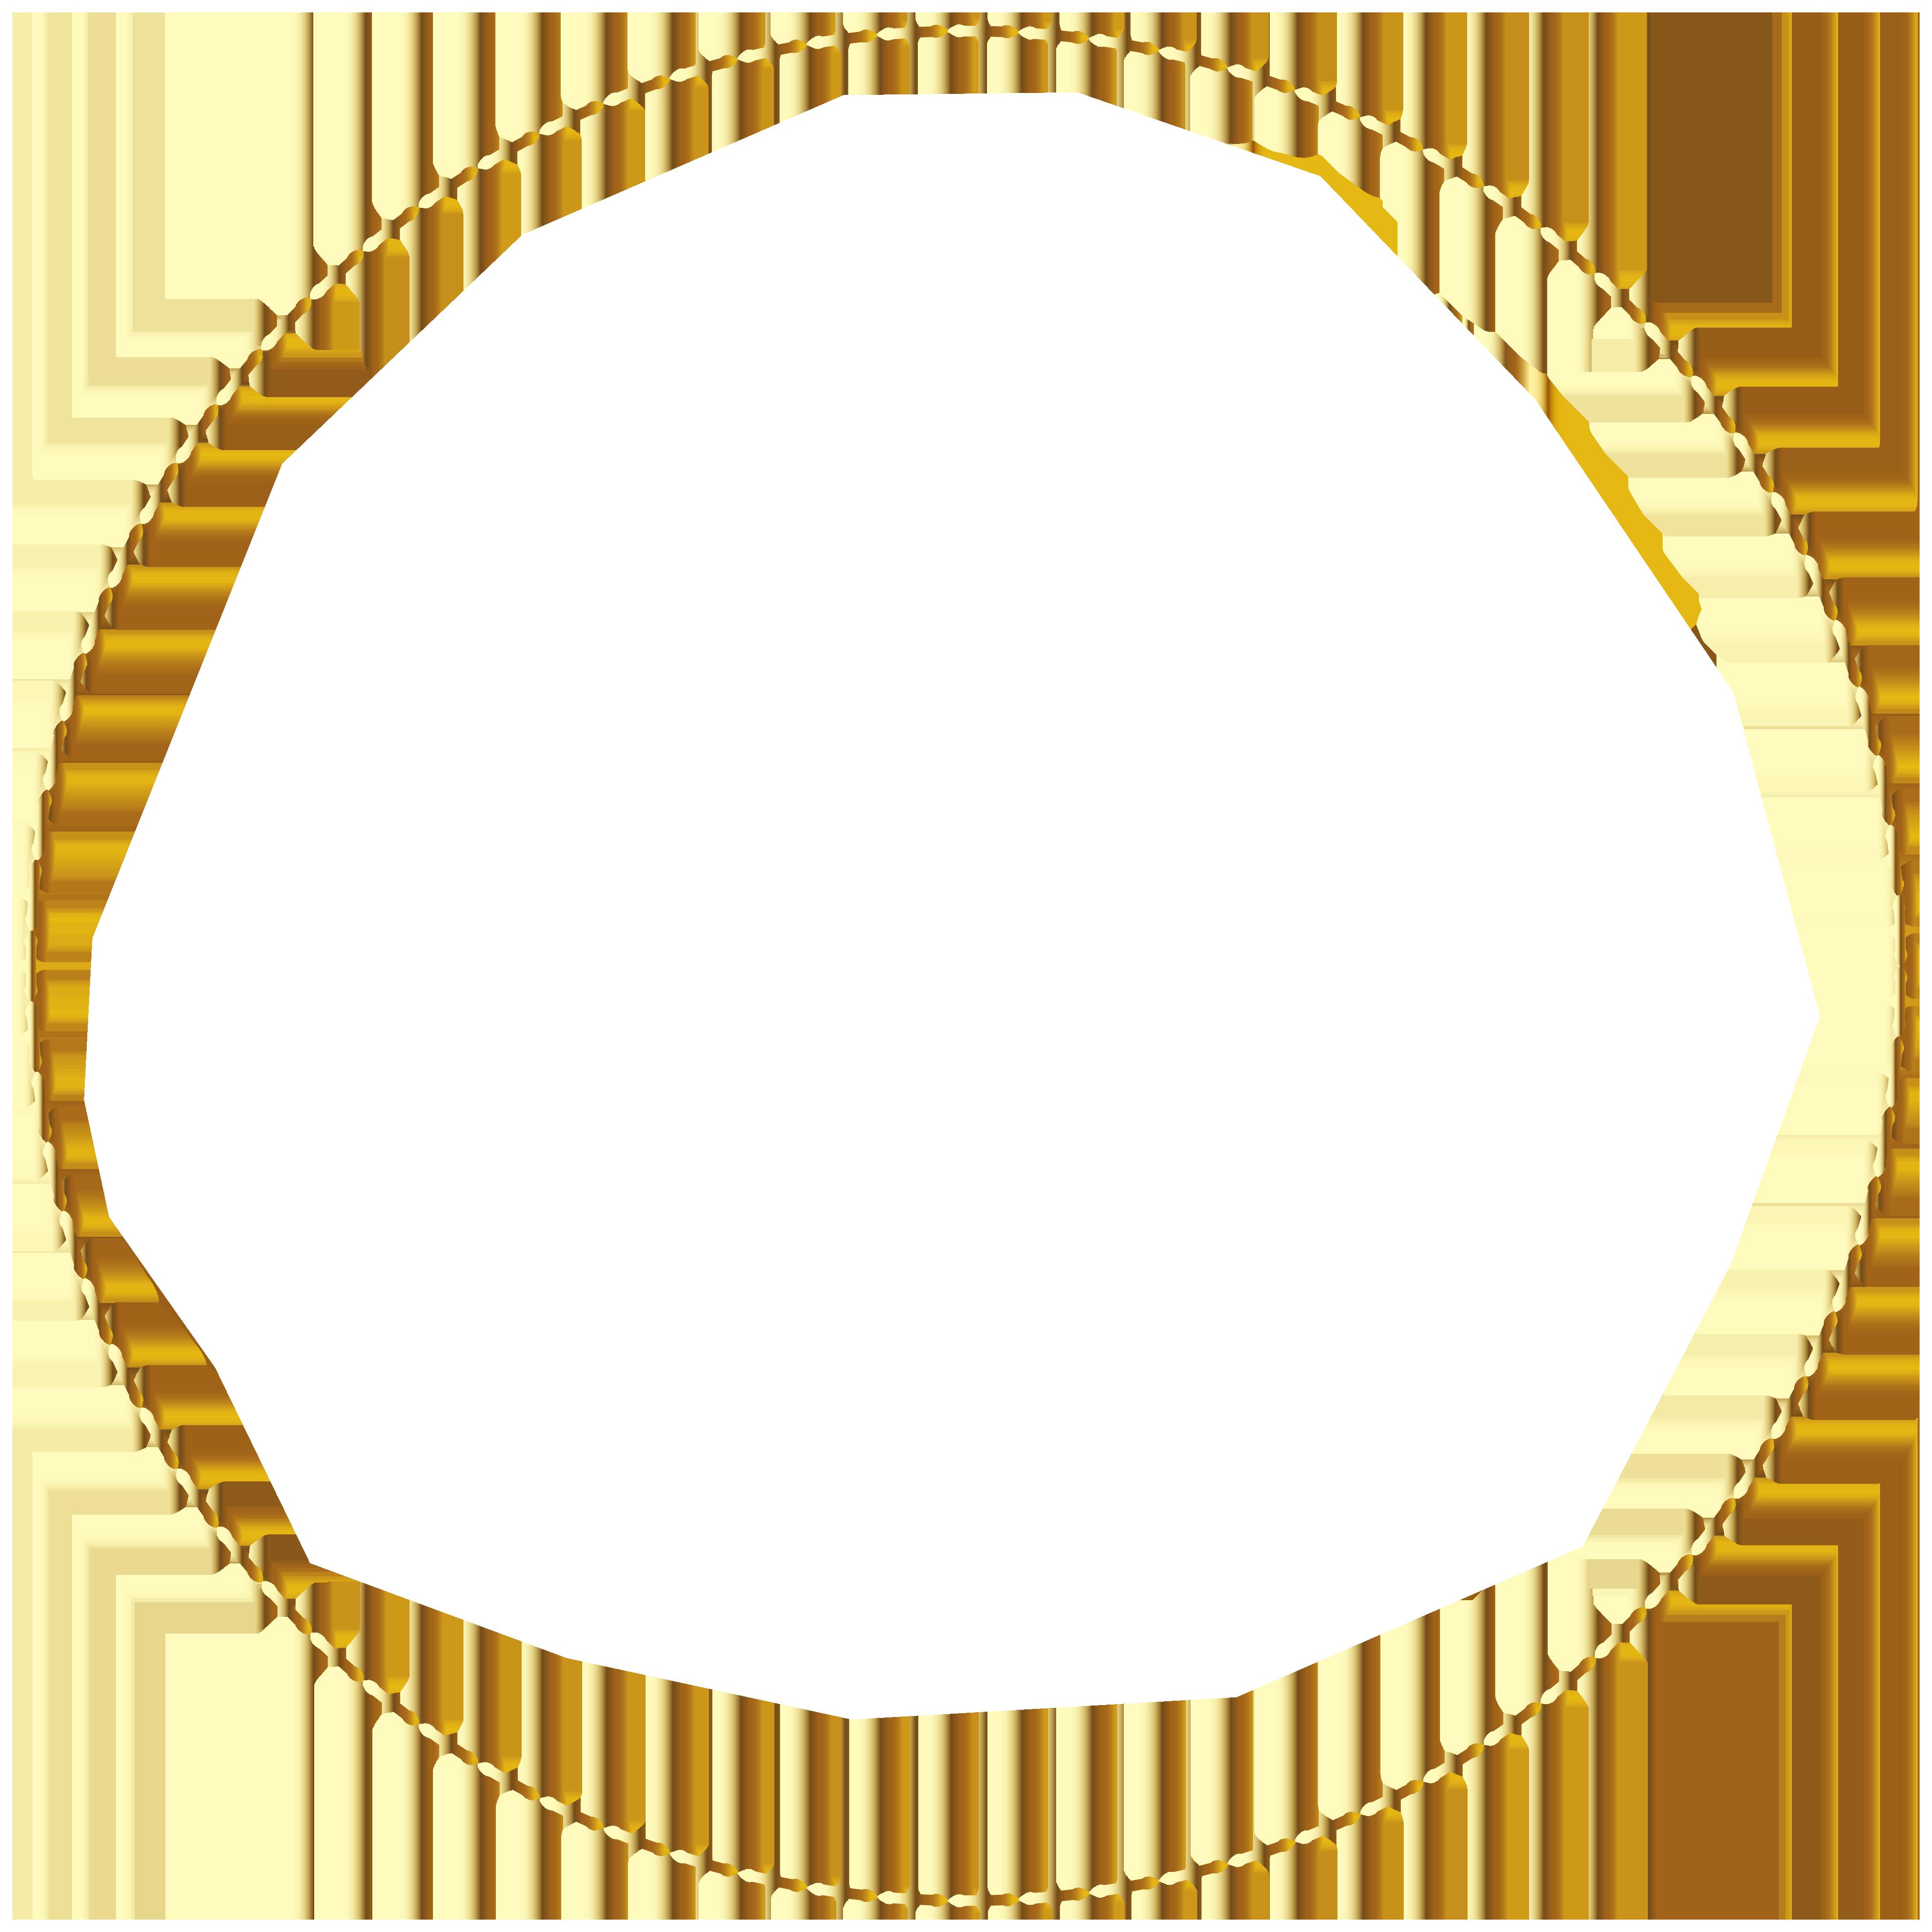 Gold Round Border Frame Transparent PNG Image.